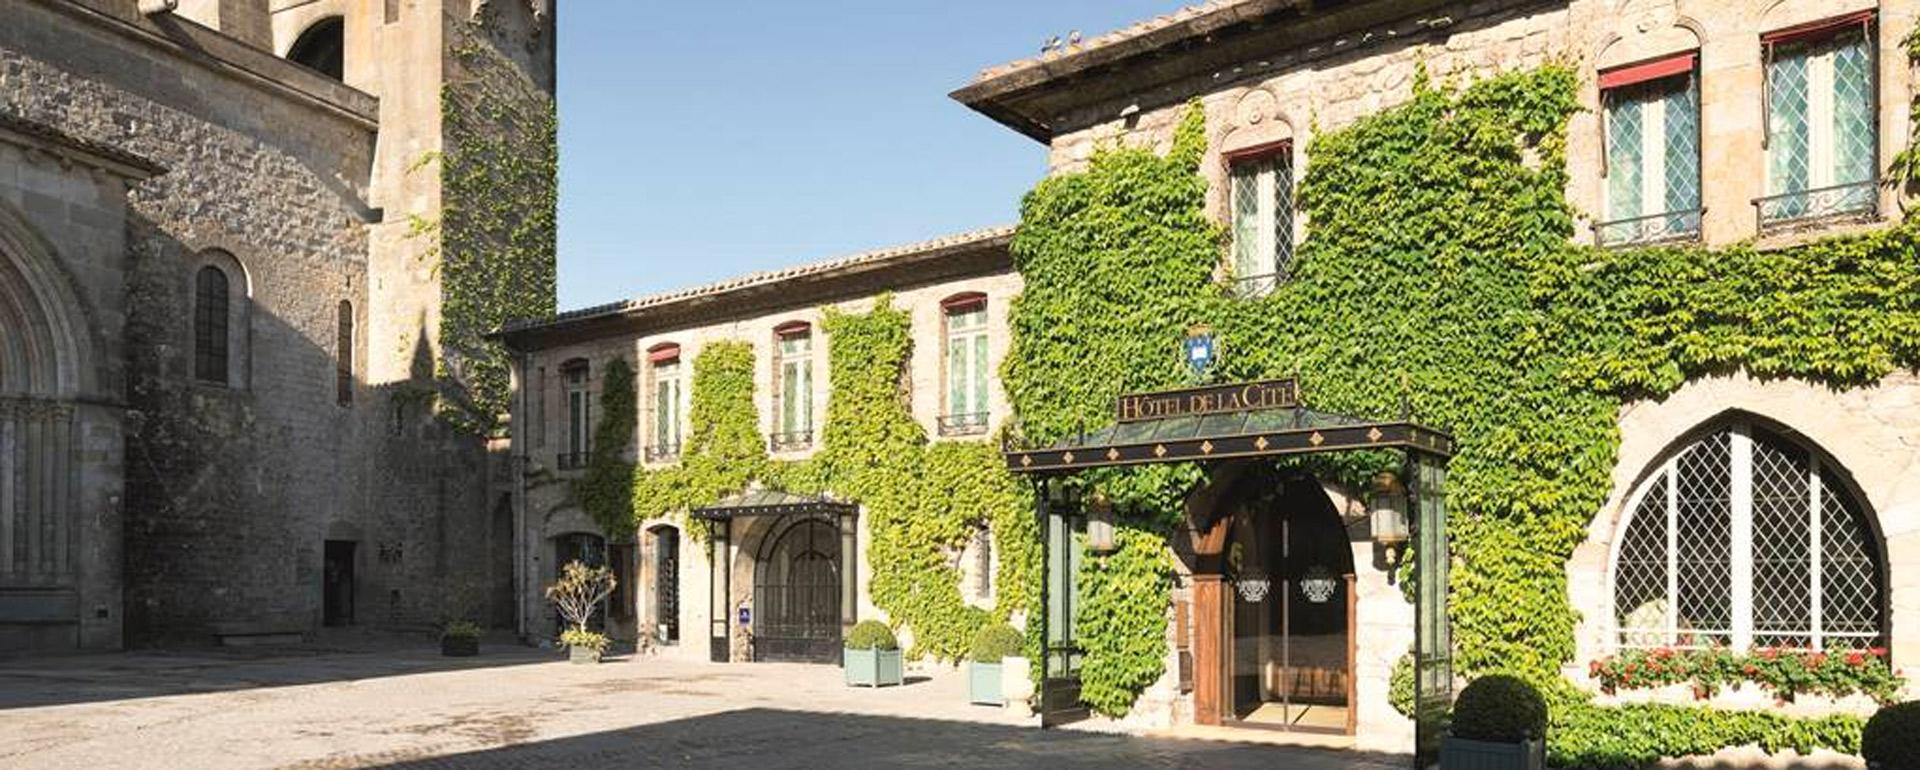 Hôtel de la Cité - Carcassonne - Aude